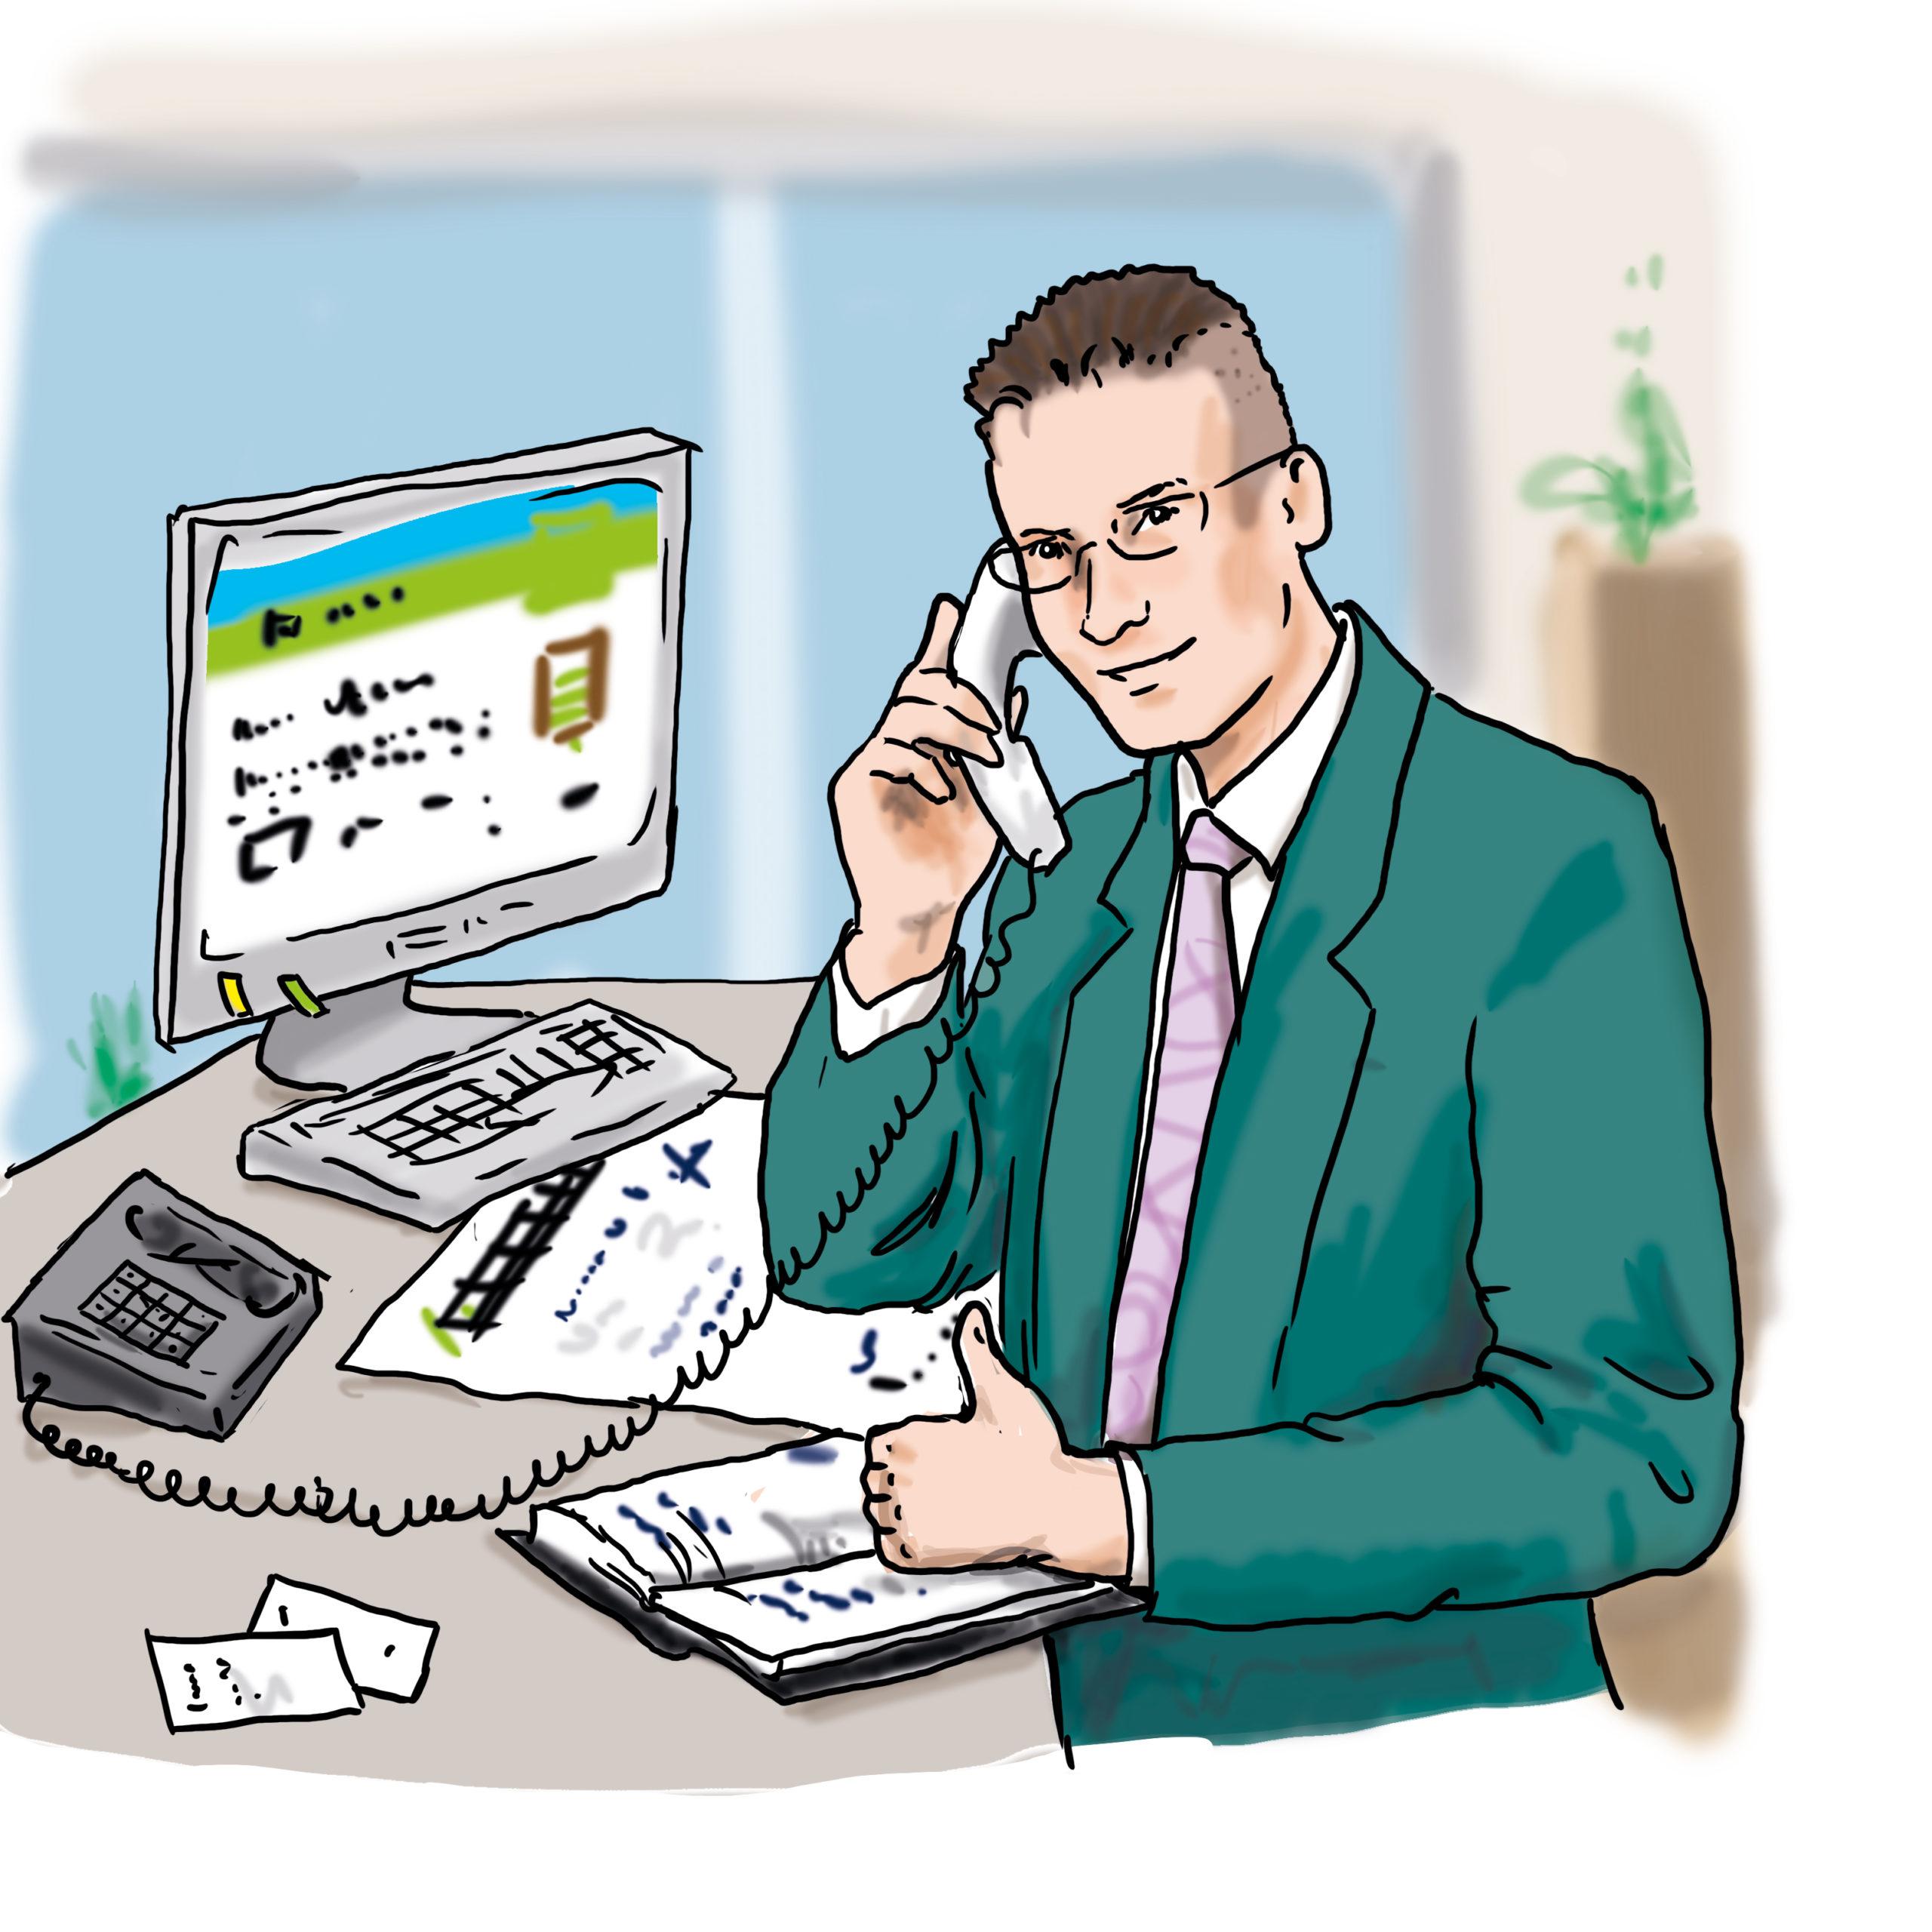 Das Bild zeigt einen Mann. Der Mann sitzt an einem Schreibtisch und telefoniert.